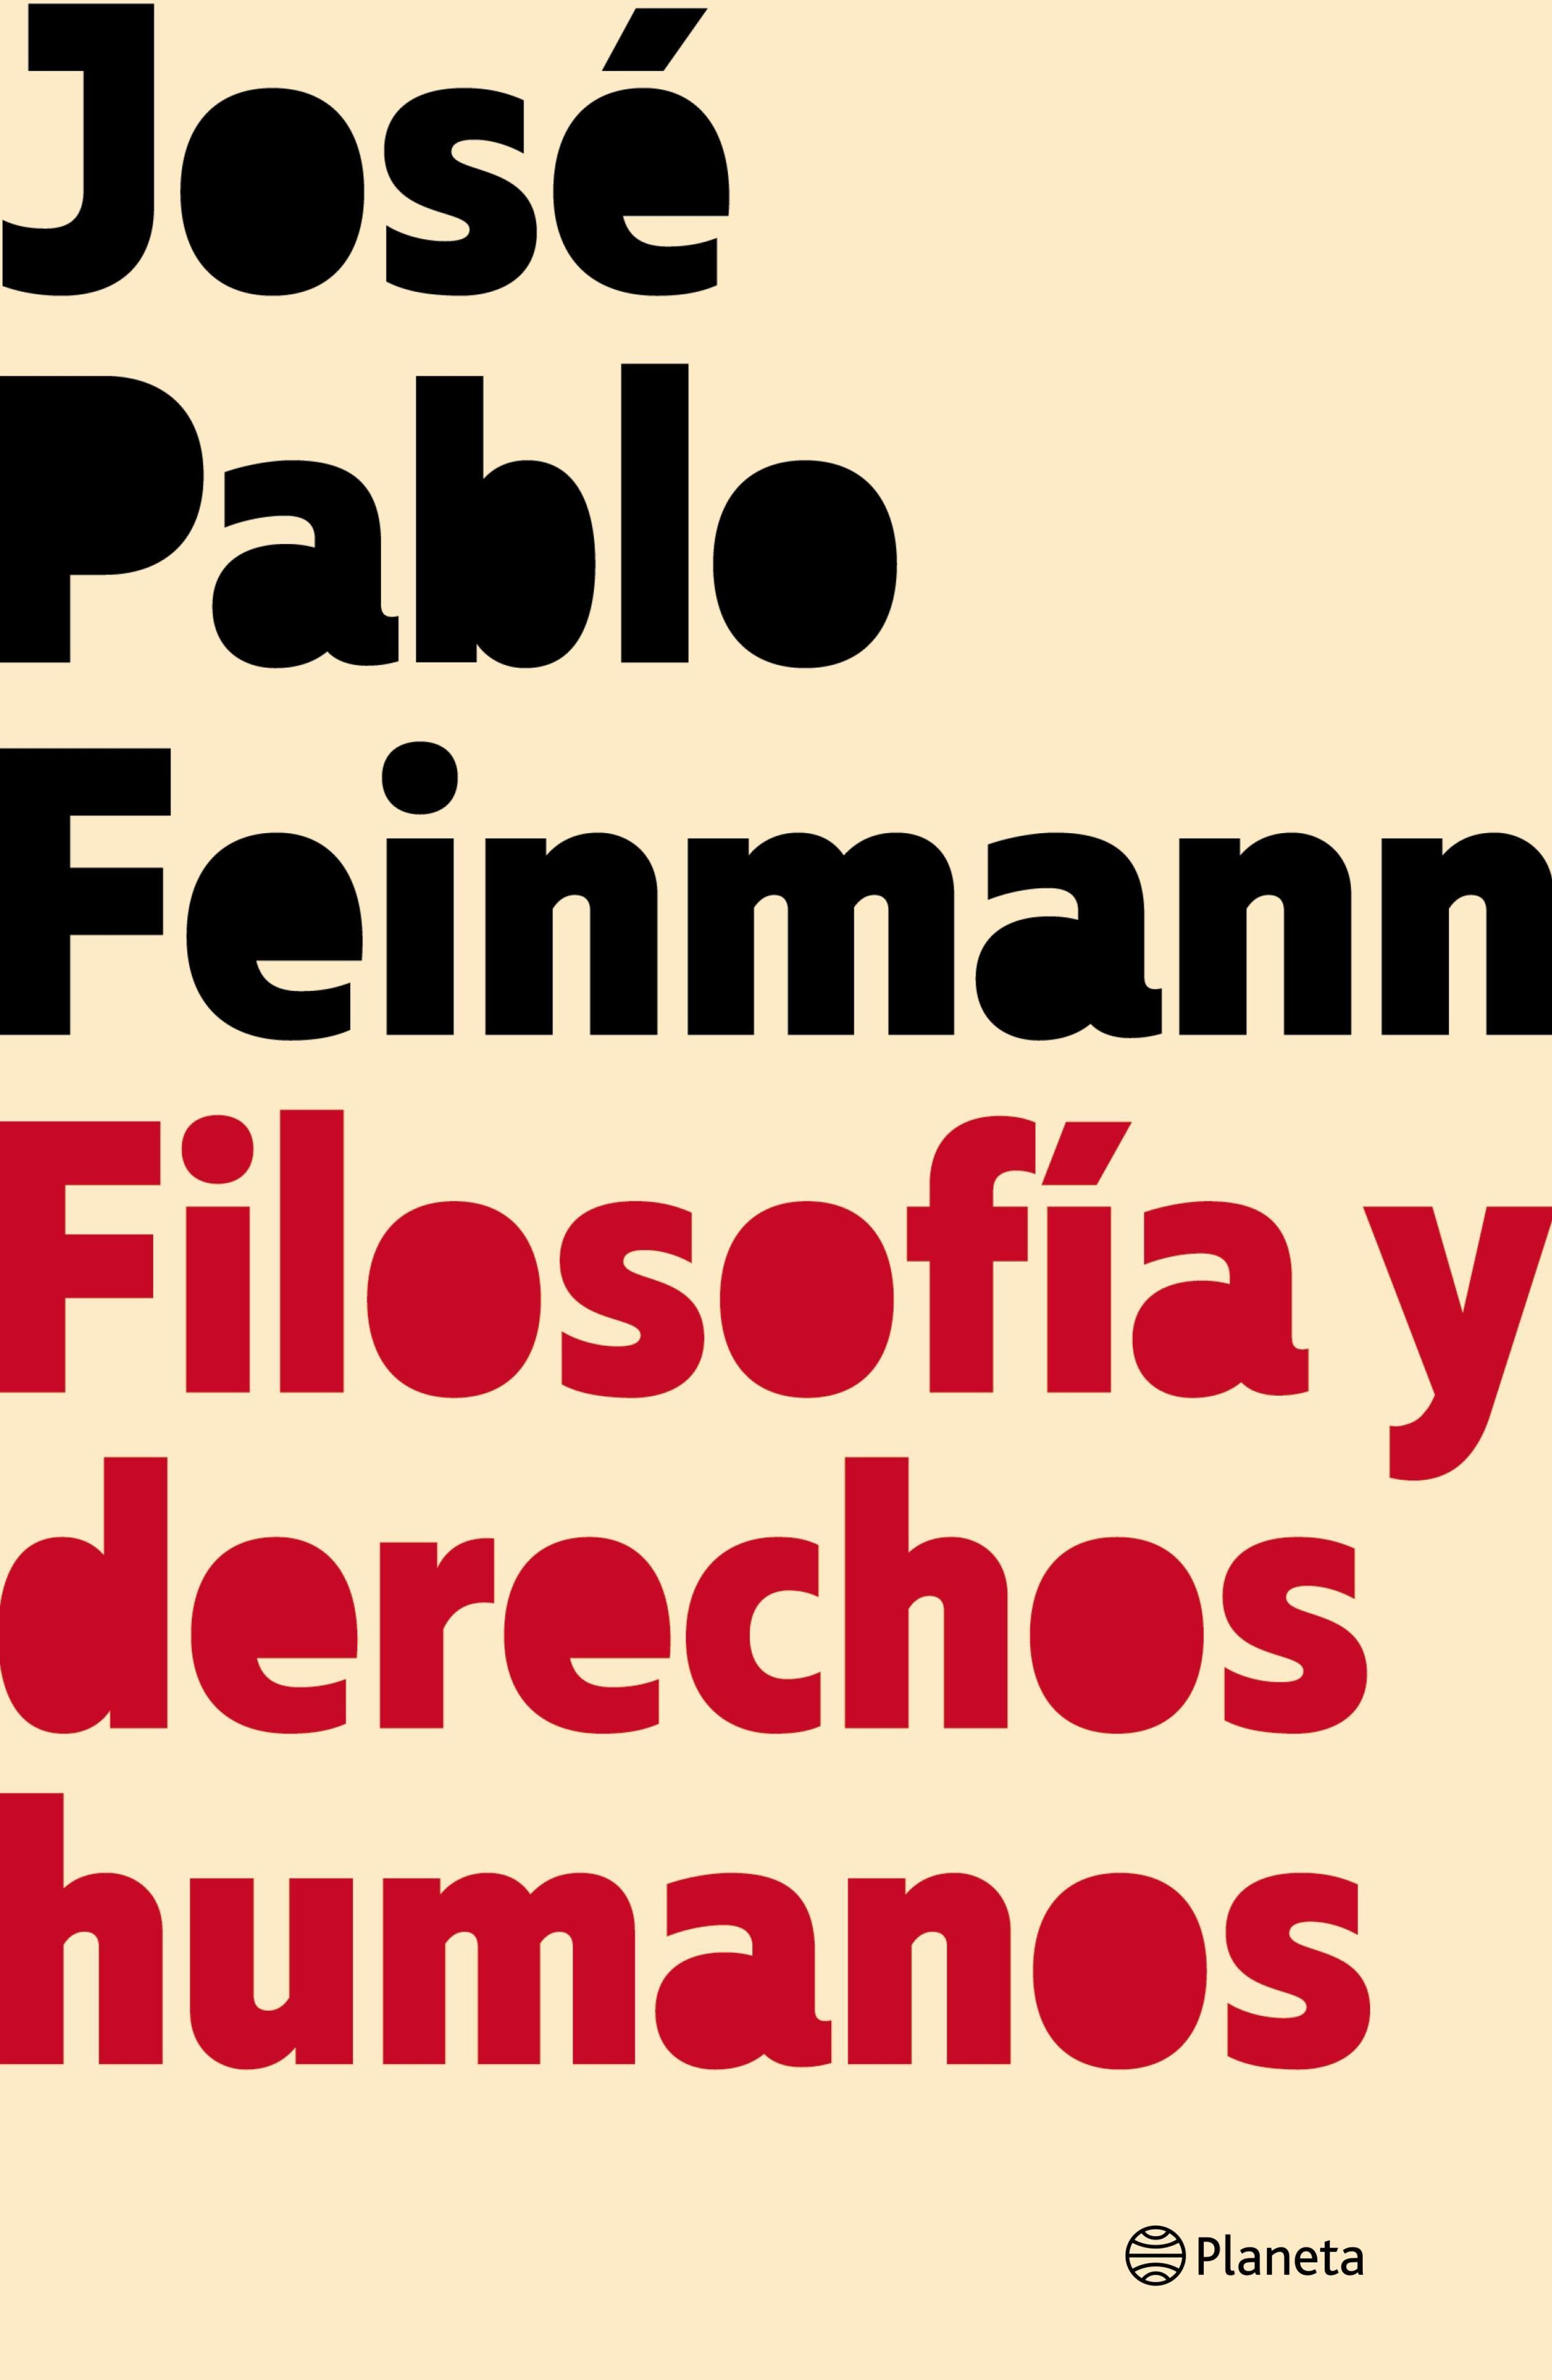 Humanosebook· Y Derechos El Corte Inglés Ebooks Filosofía xhrdsoQtCB